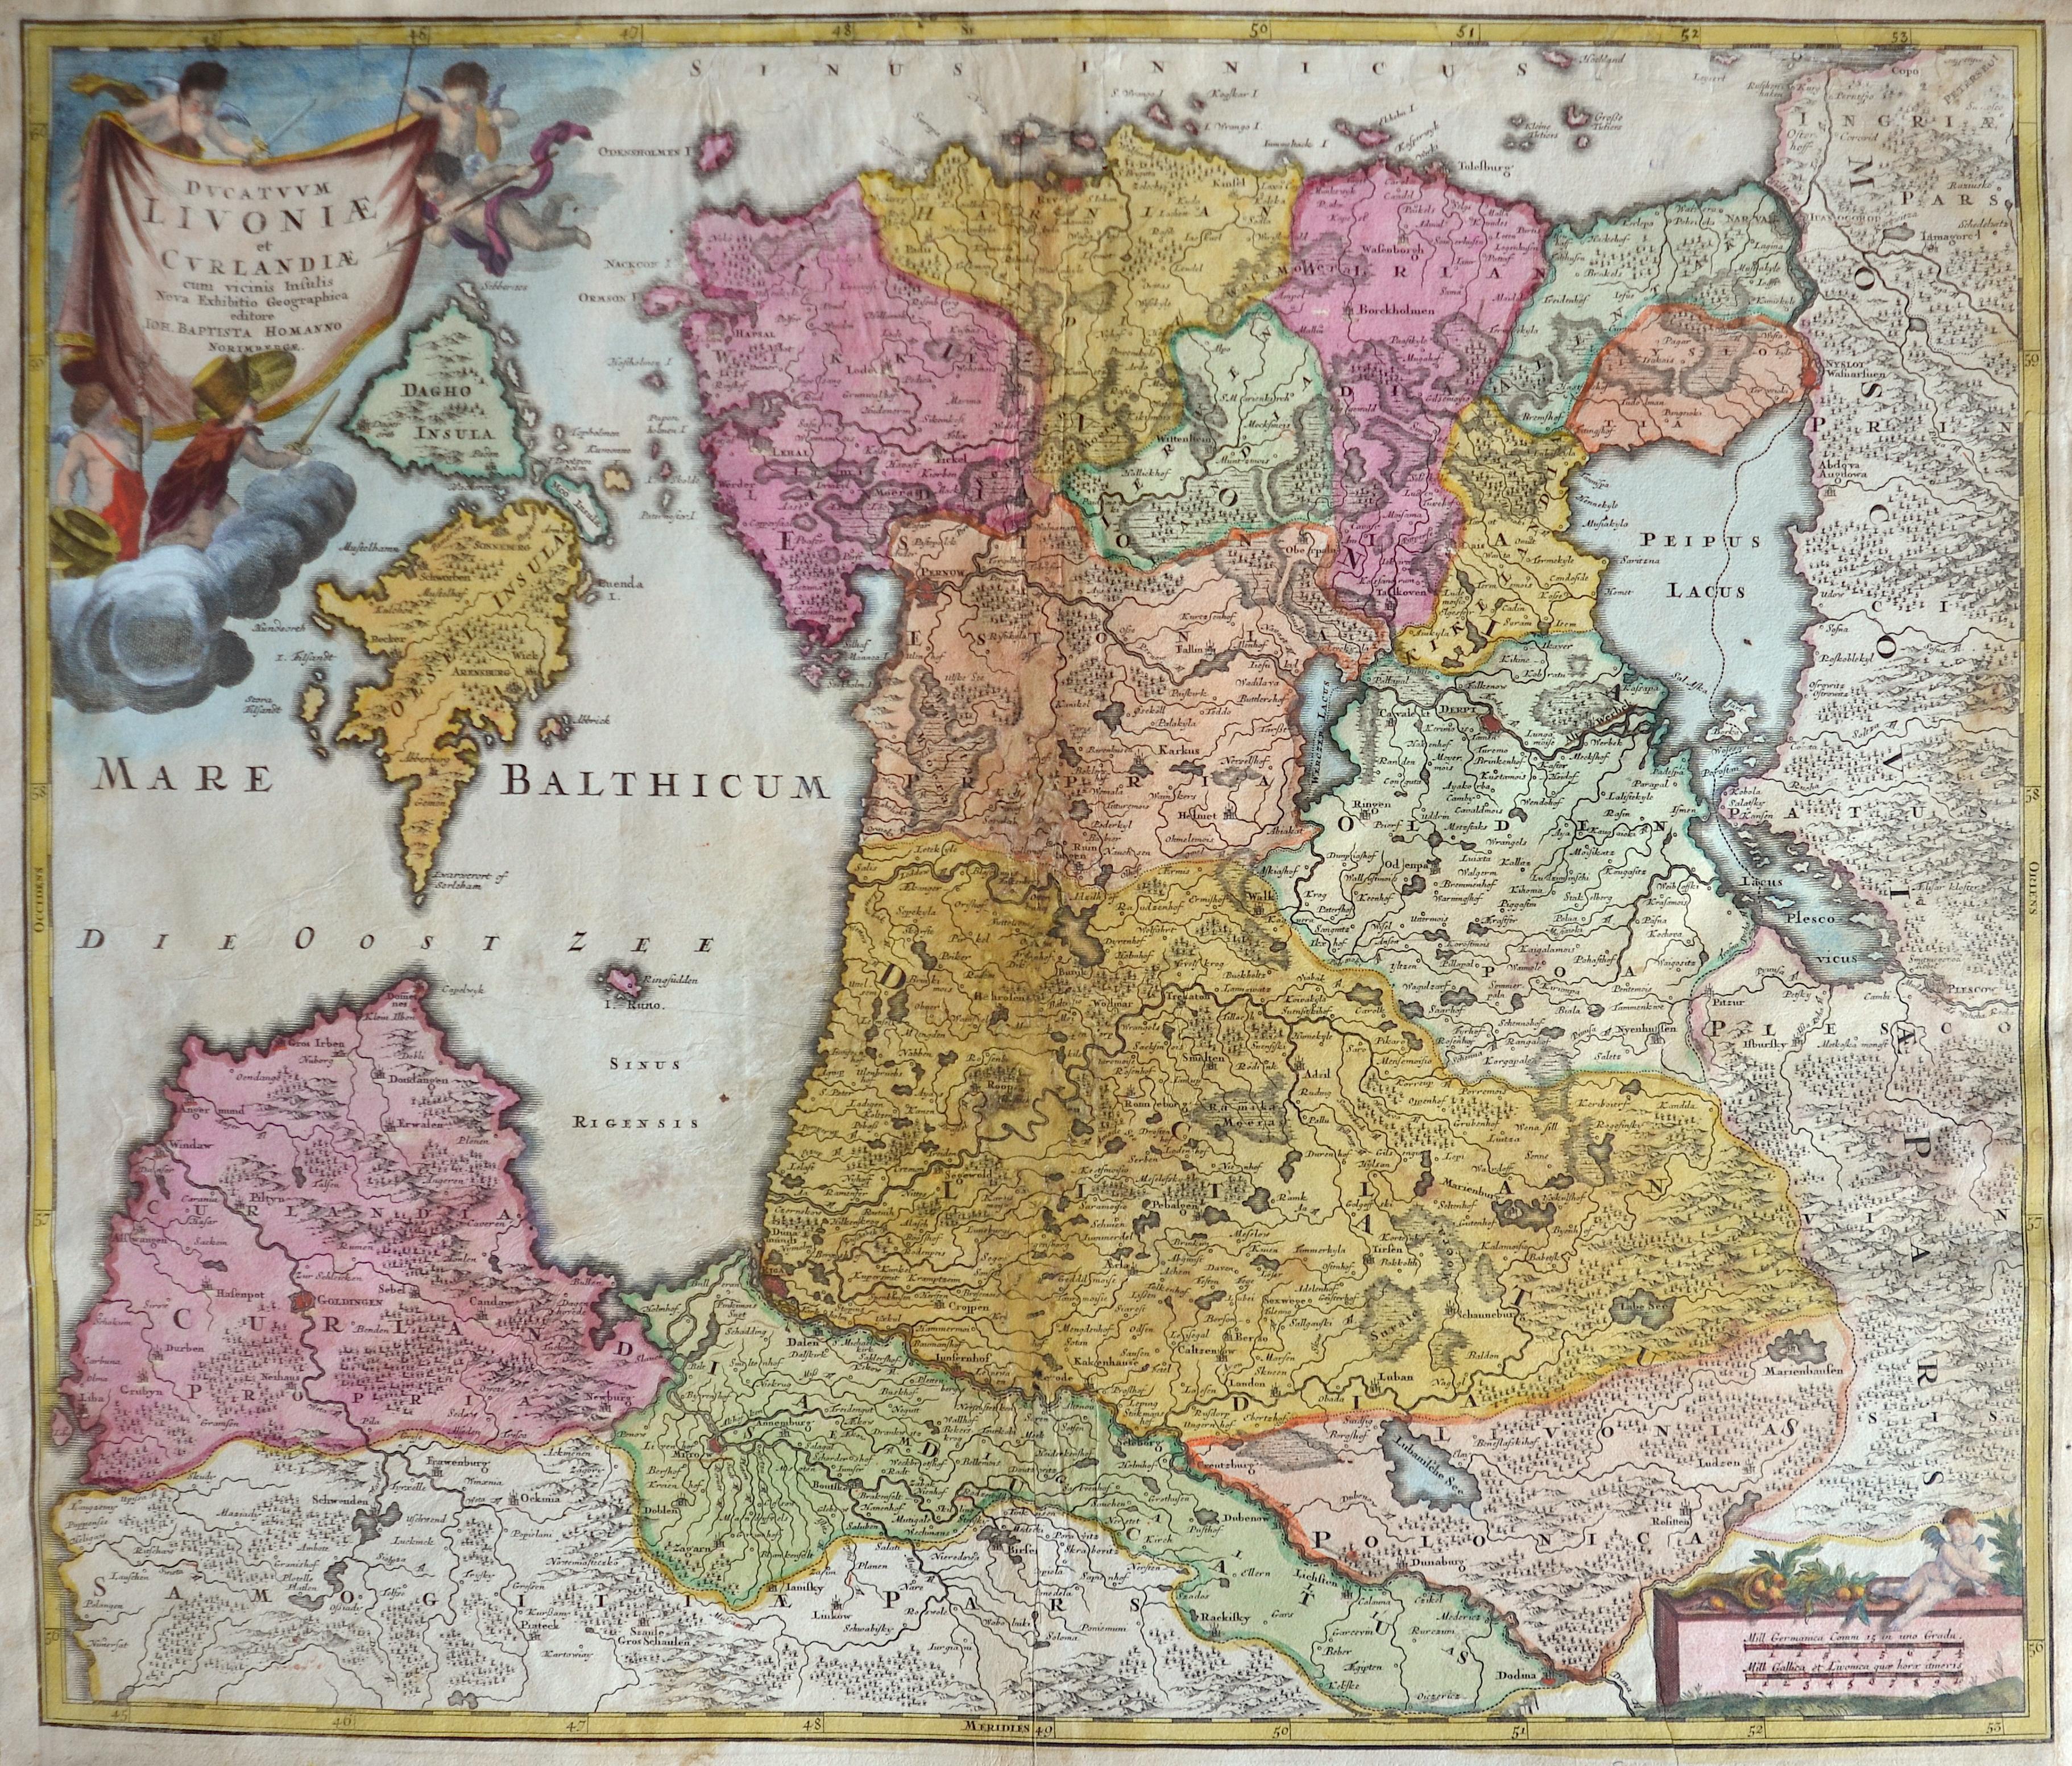 Homann Johann Babtiste Ducatuum Livoniae et Curlandiae cum vicinis Insulis Nova Exhibitio Geographica editore..